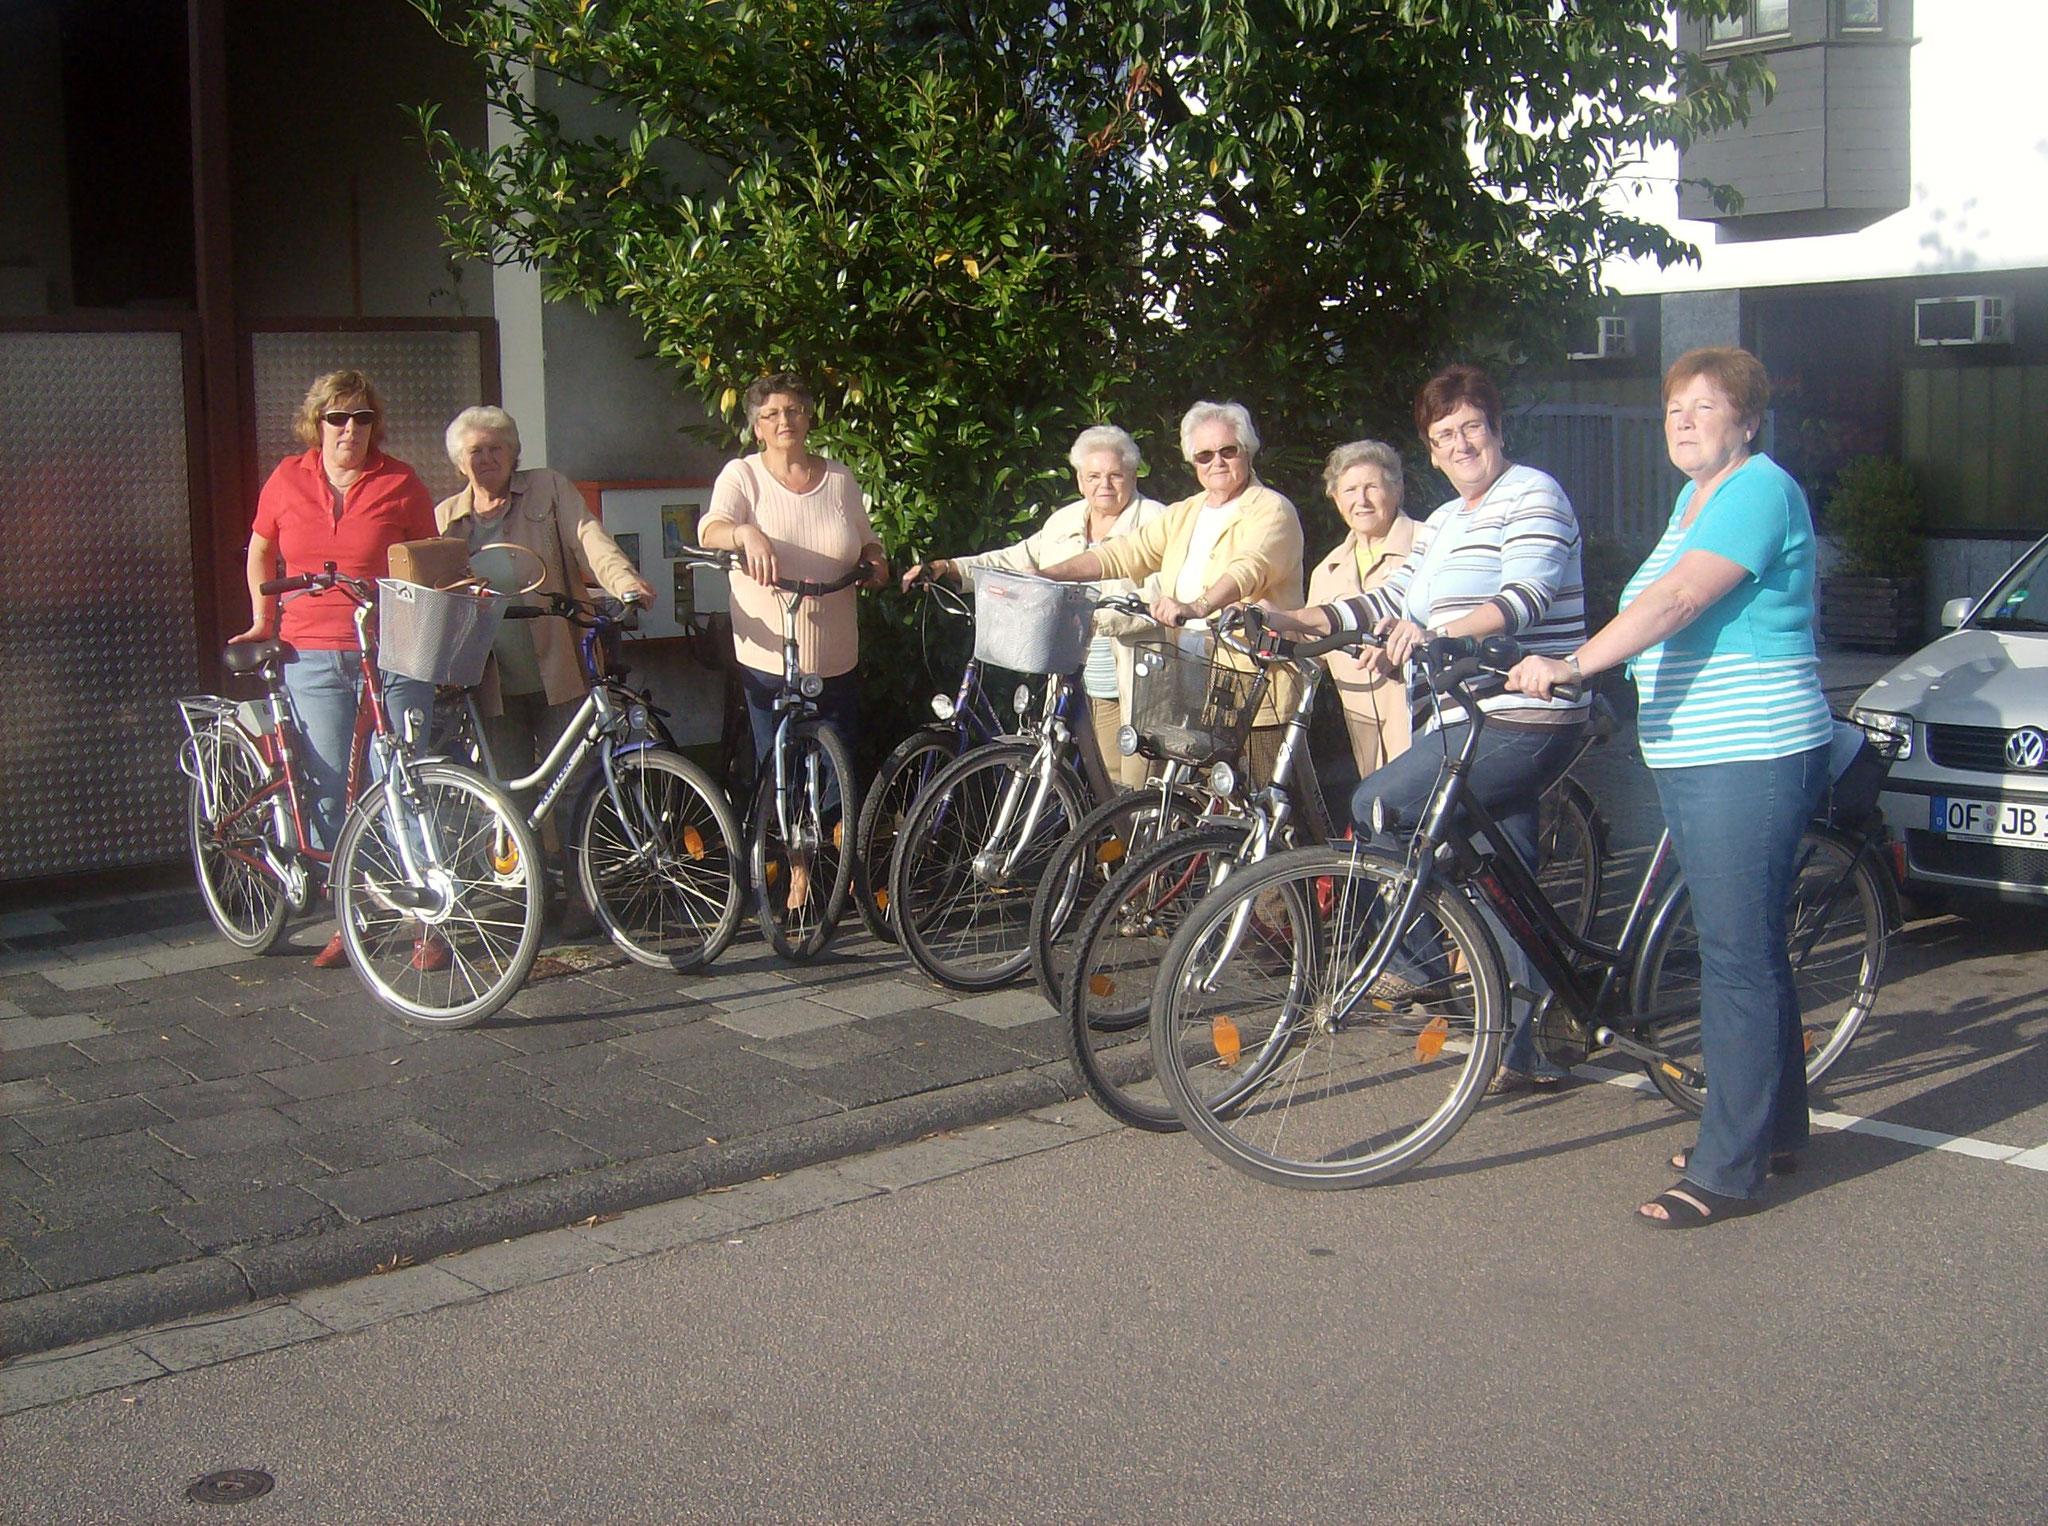 Radtour in den Sommerferien 2010 Bild: I.Nenner